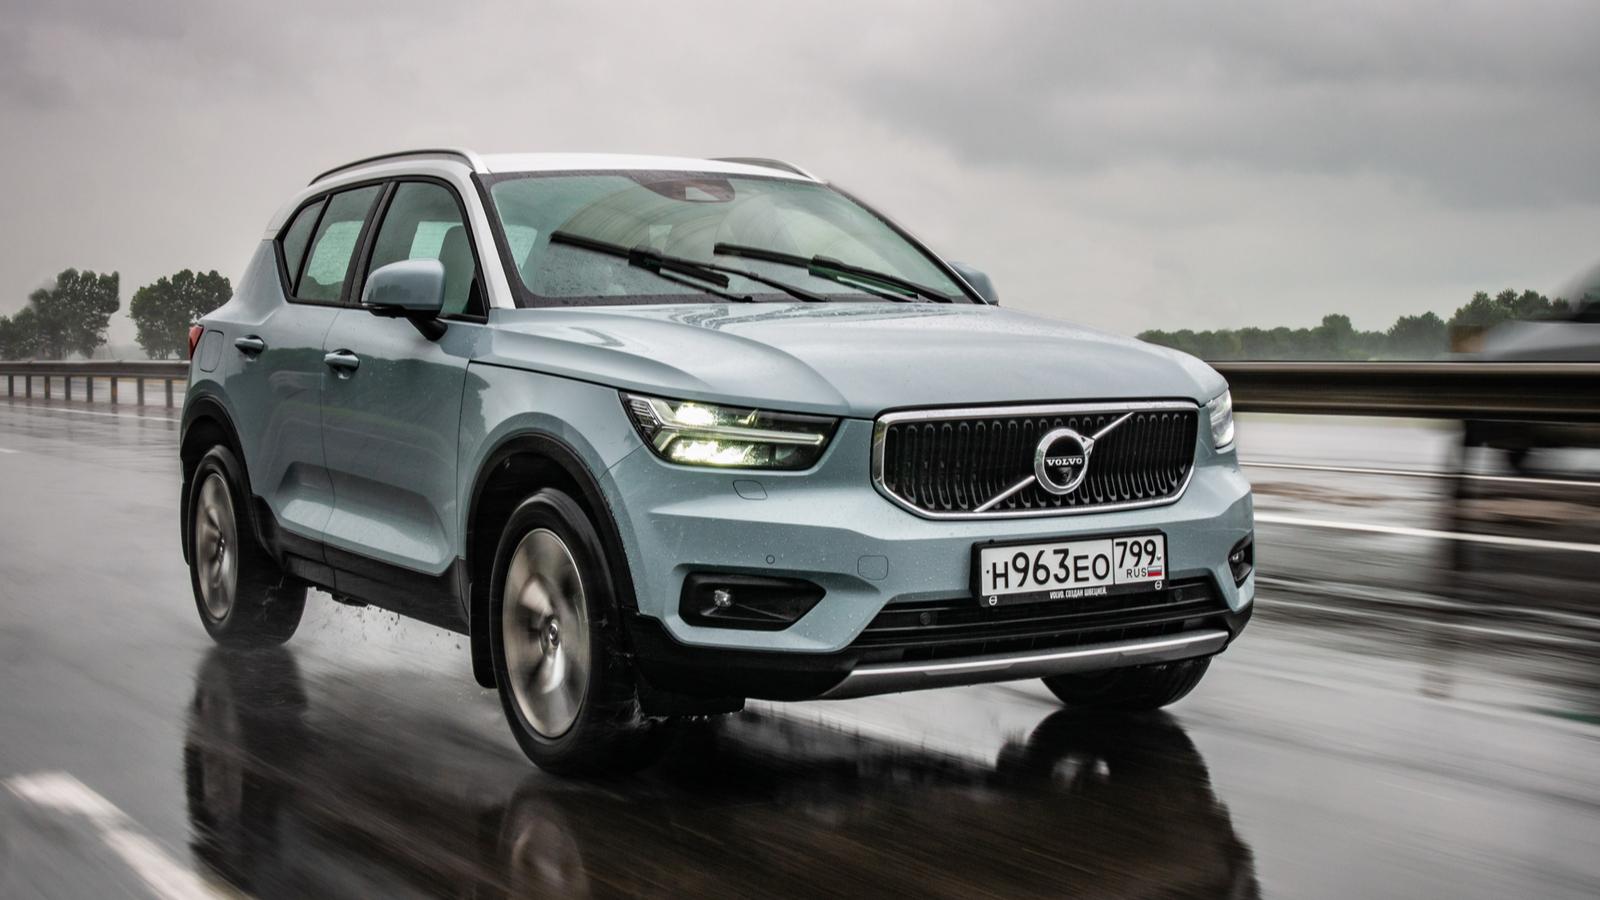 Être propriétaire de sa voiture, un modèle bientôt dépassé d'après le CEO de Volvo